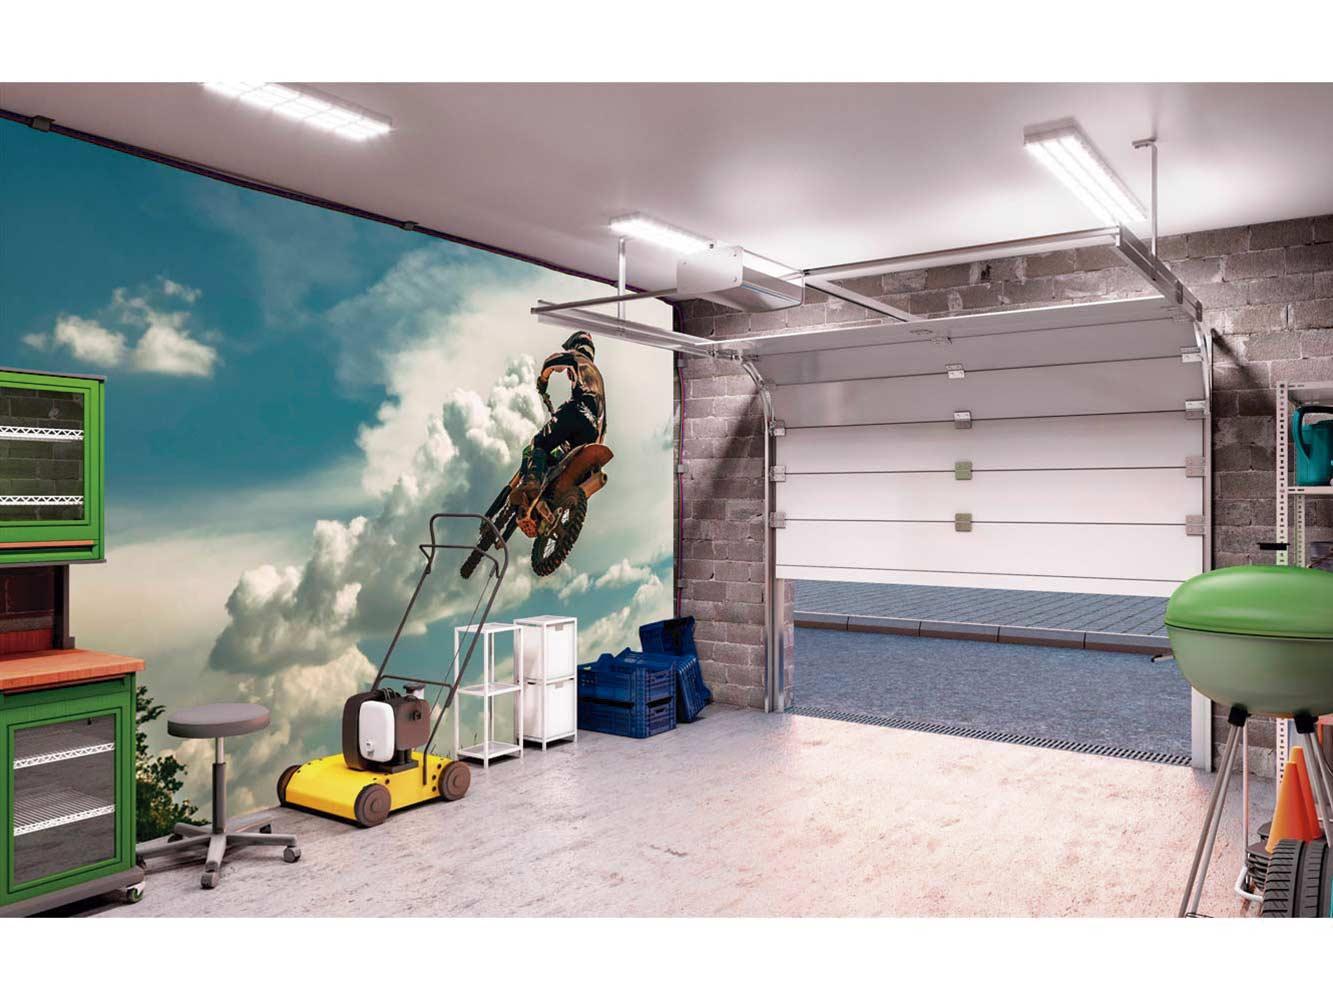 Fotomural Papel Pintado Salto Motocross 2 | Carteles XXL - Impresión carteleria publicitaria